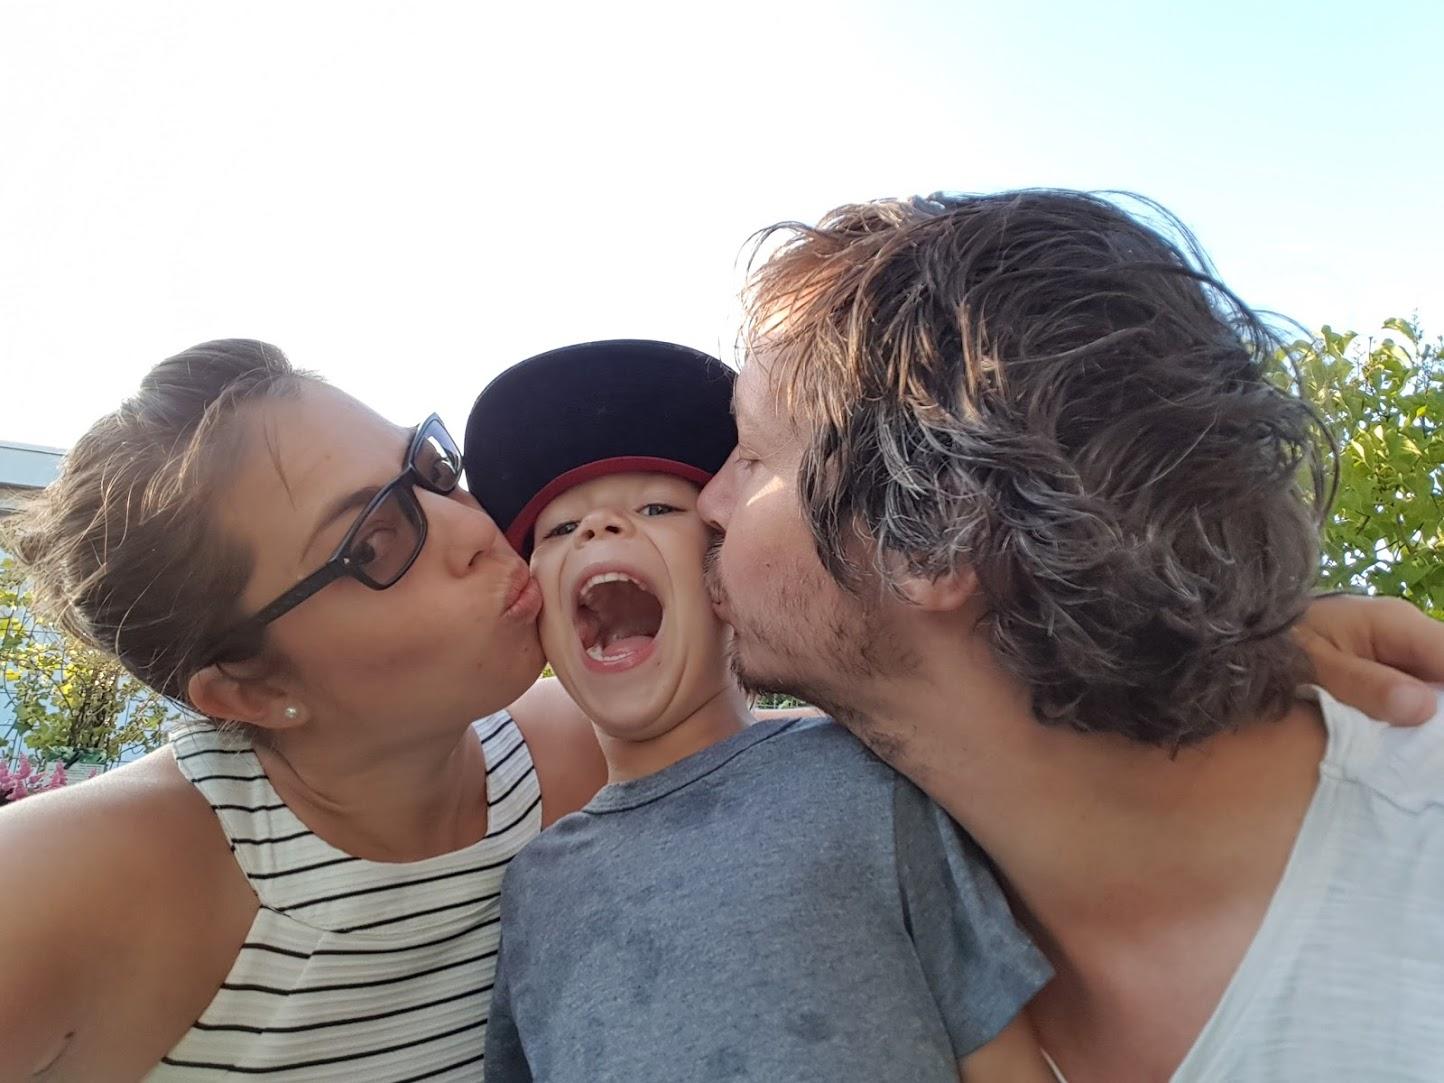 Taalontwikkelingsstoornis in het gezin